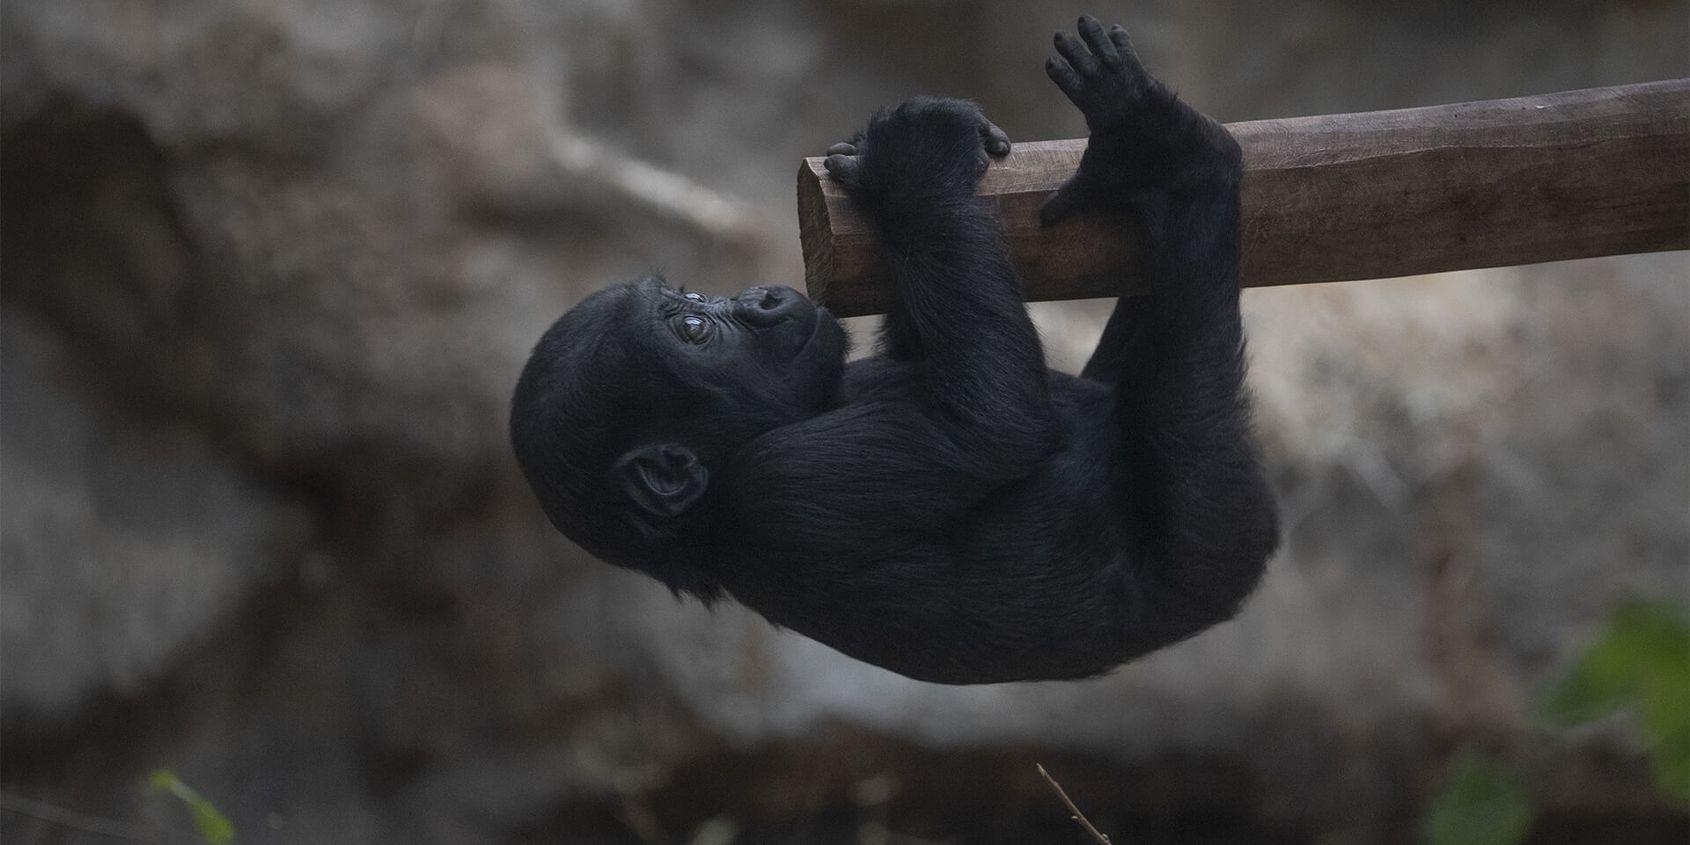 Bébé gorille - Les animaux de la Serre des Gorilles - ZooParc de Beauval